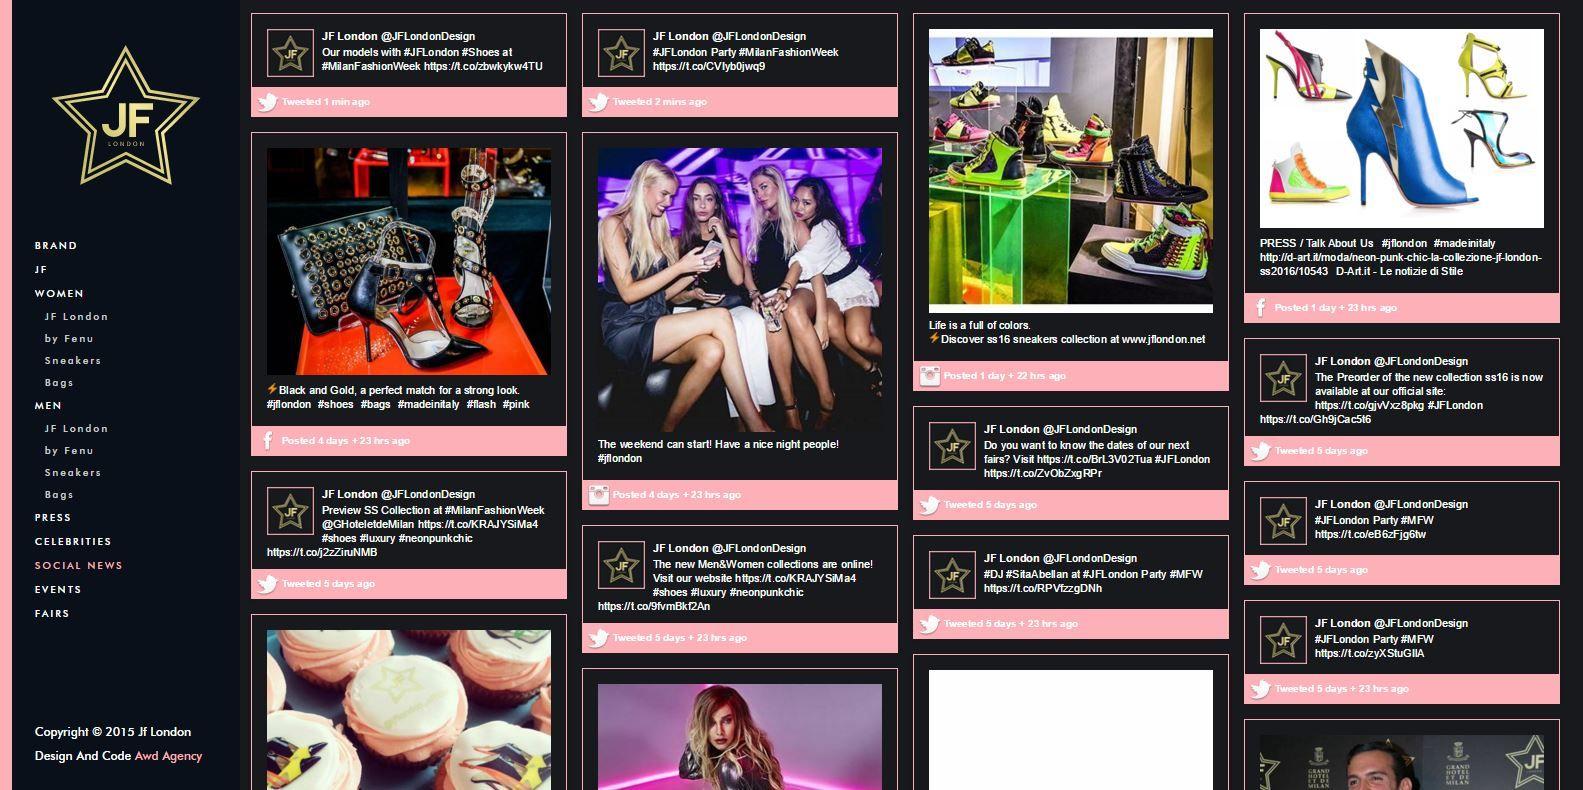 News #JFLondon http://www.jflondon.net/social-news/